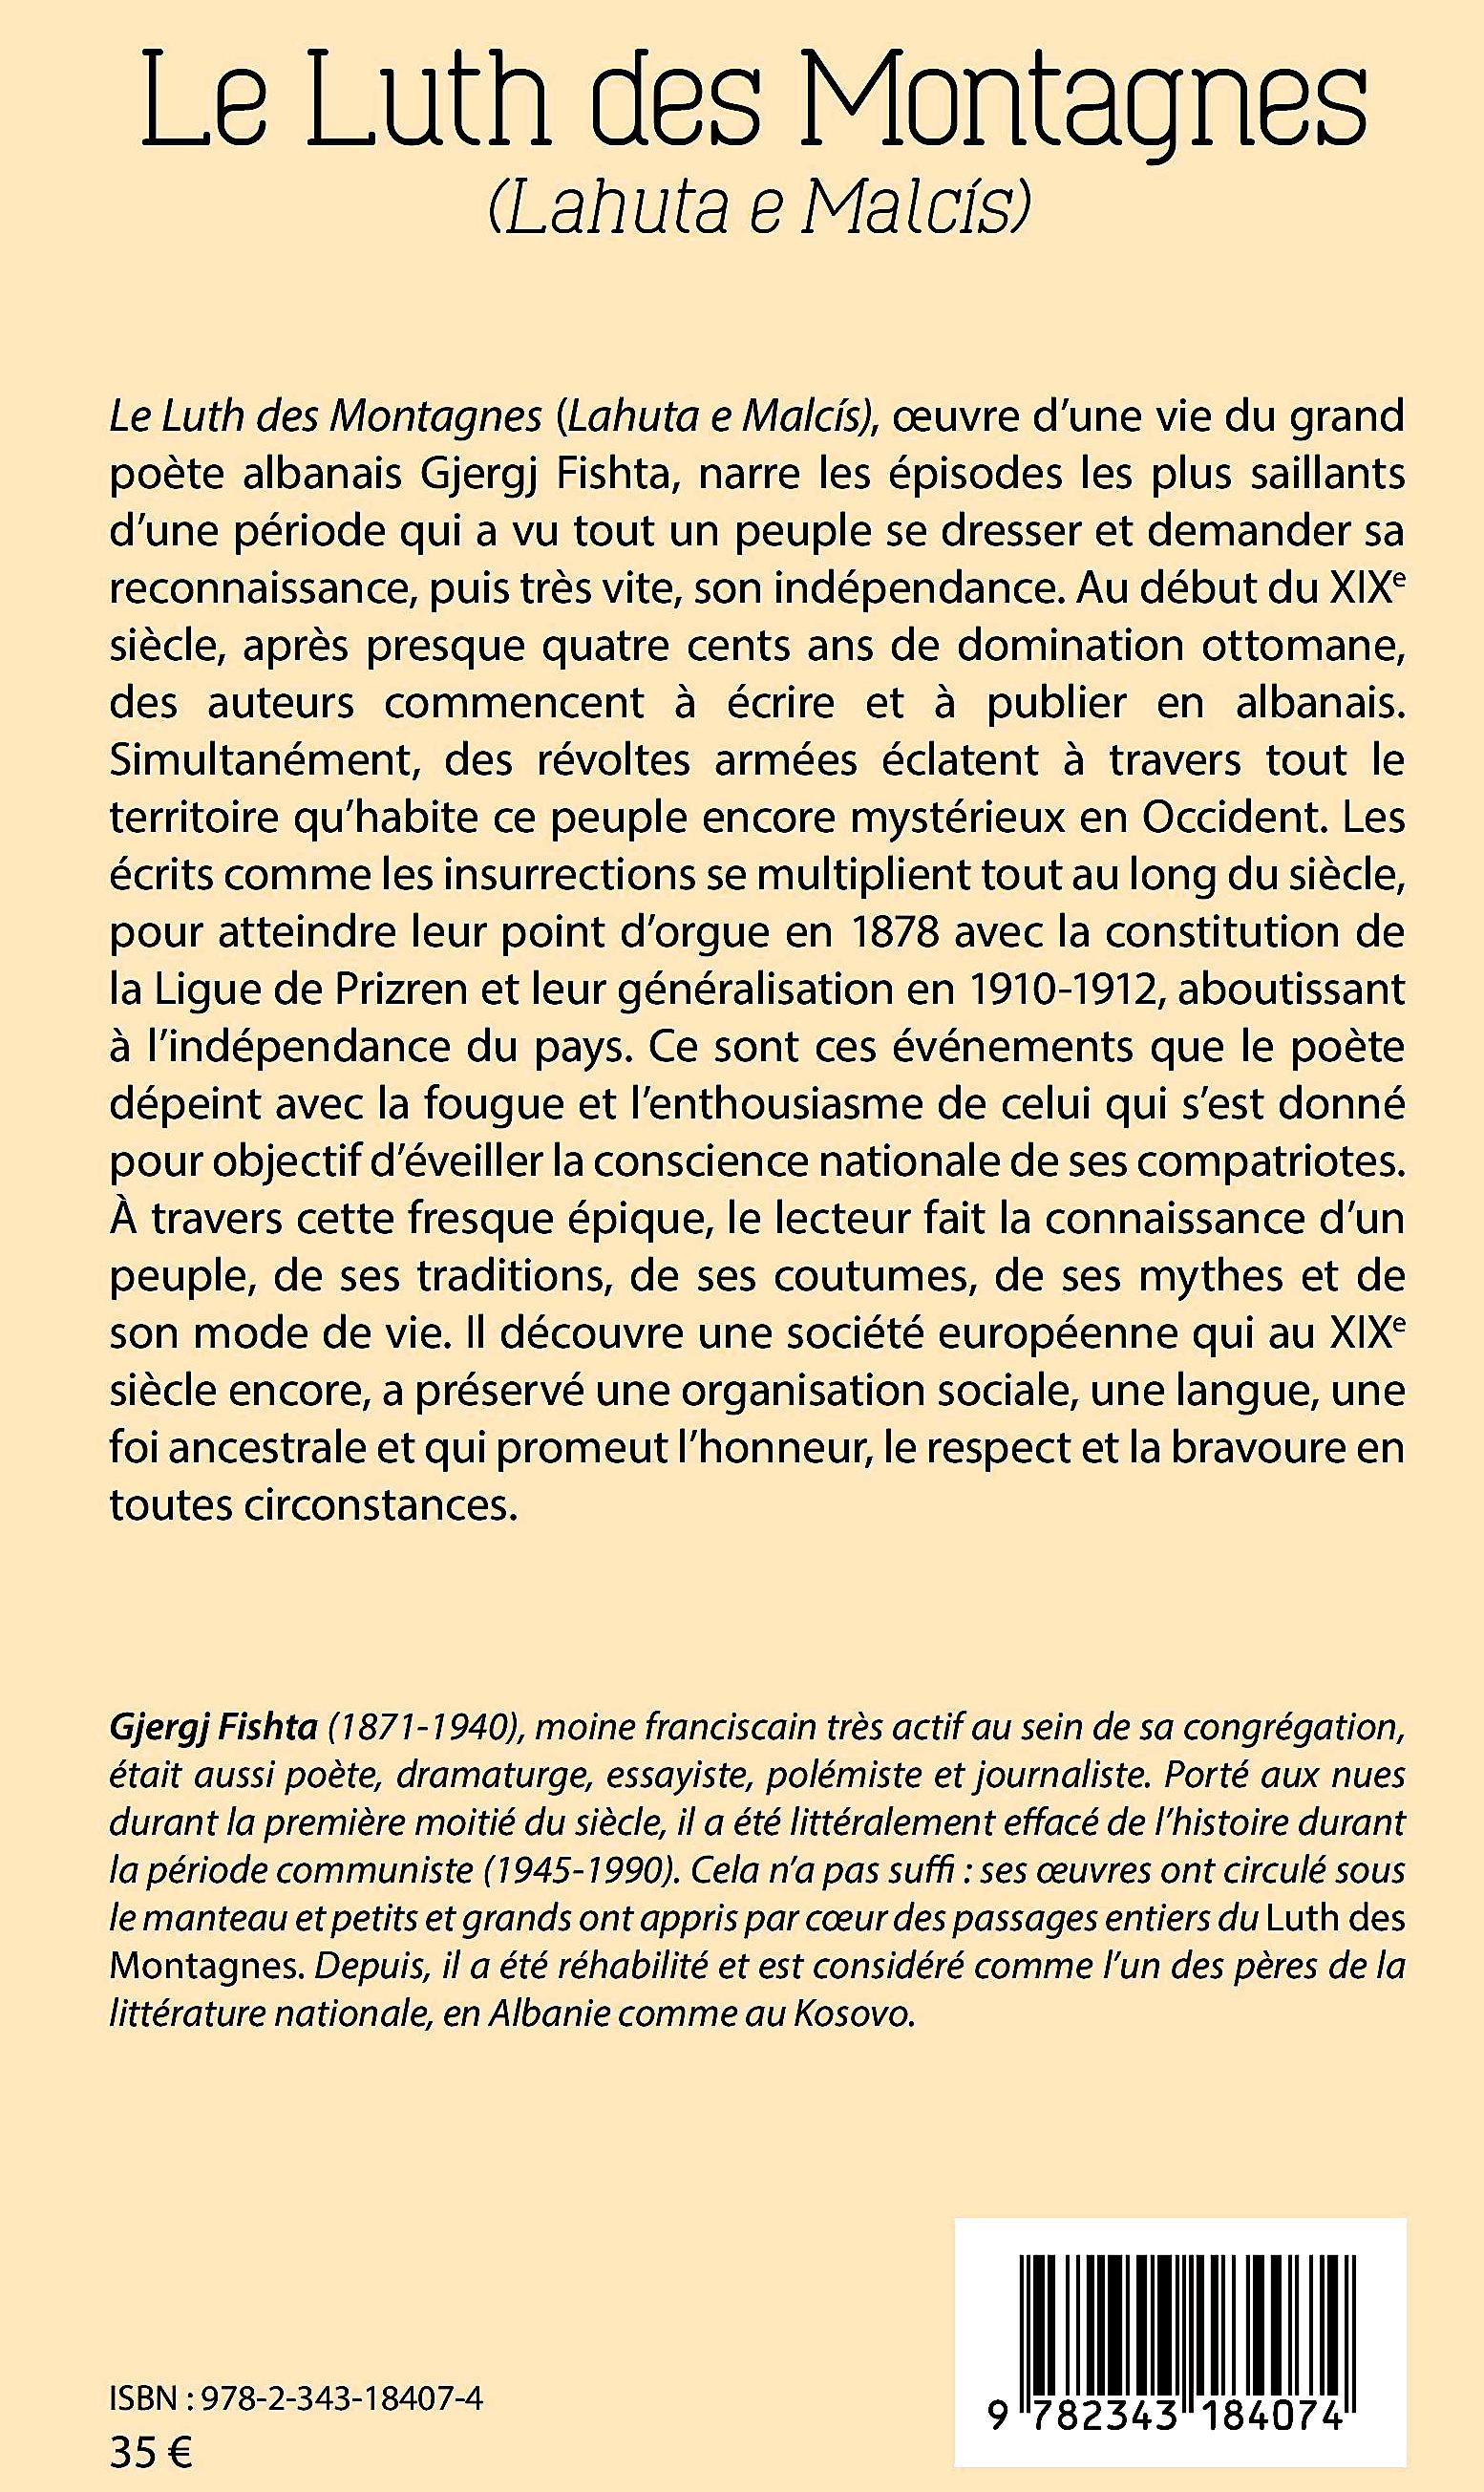 """Kombi i madh nuk shuhet kurrë! - """"Lahuta e Malcis"""" - në frëngjisht nga Abedin Krasniqi (Kopertina e pasme)"""